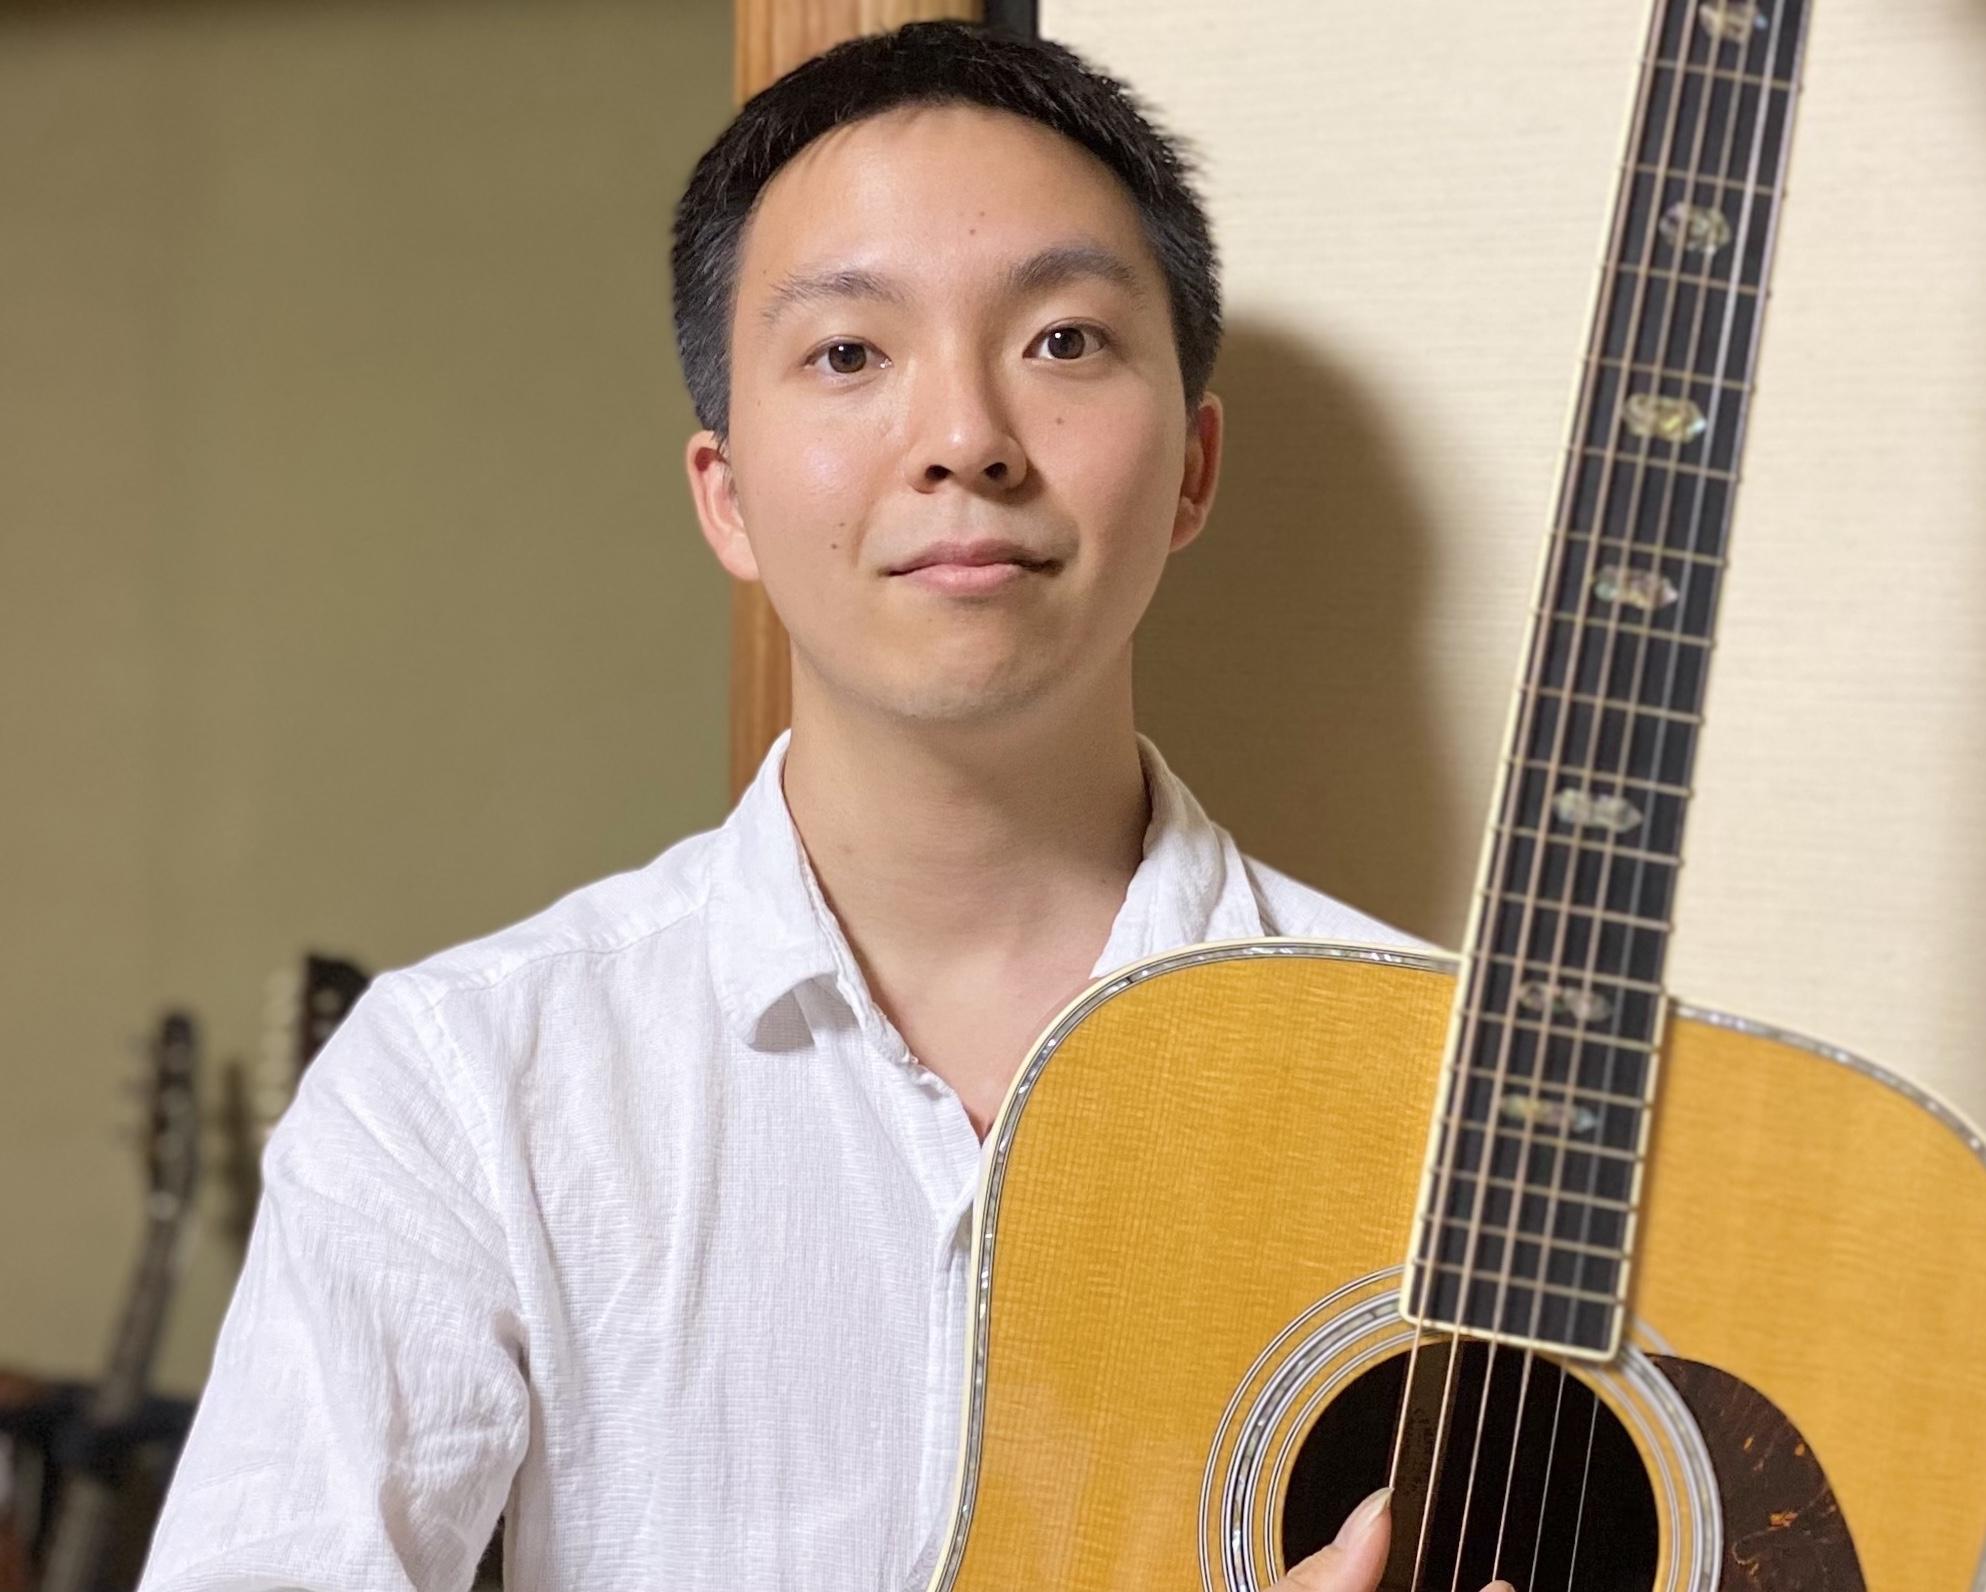 カサメミュージックスクールアコースティックギター科講師、ソーヤ先生の写真